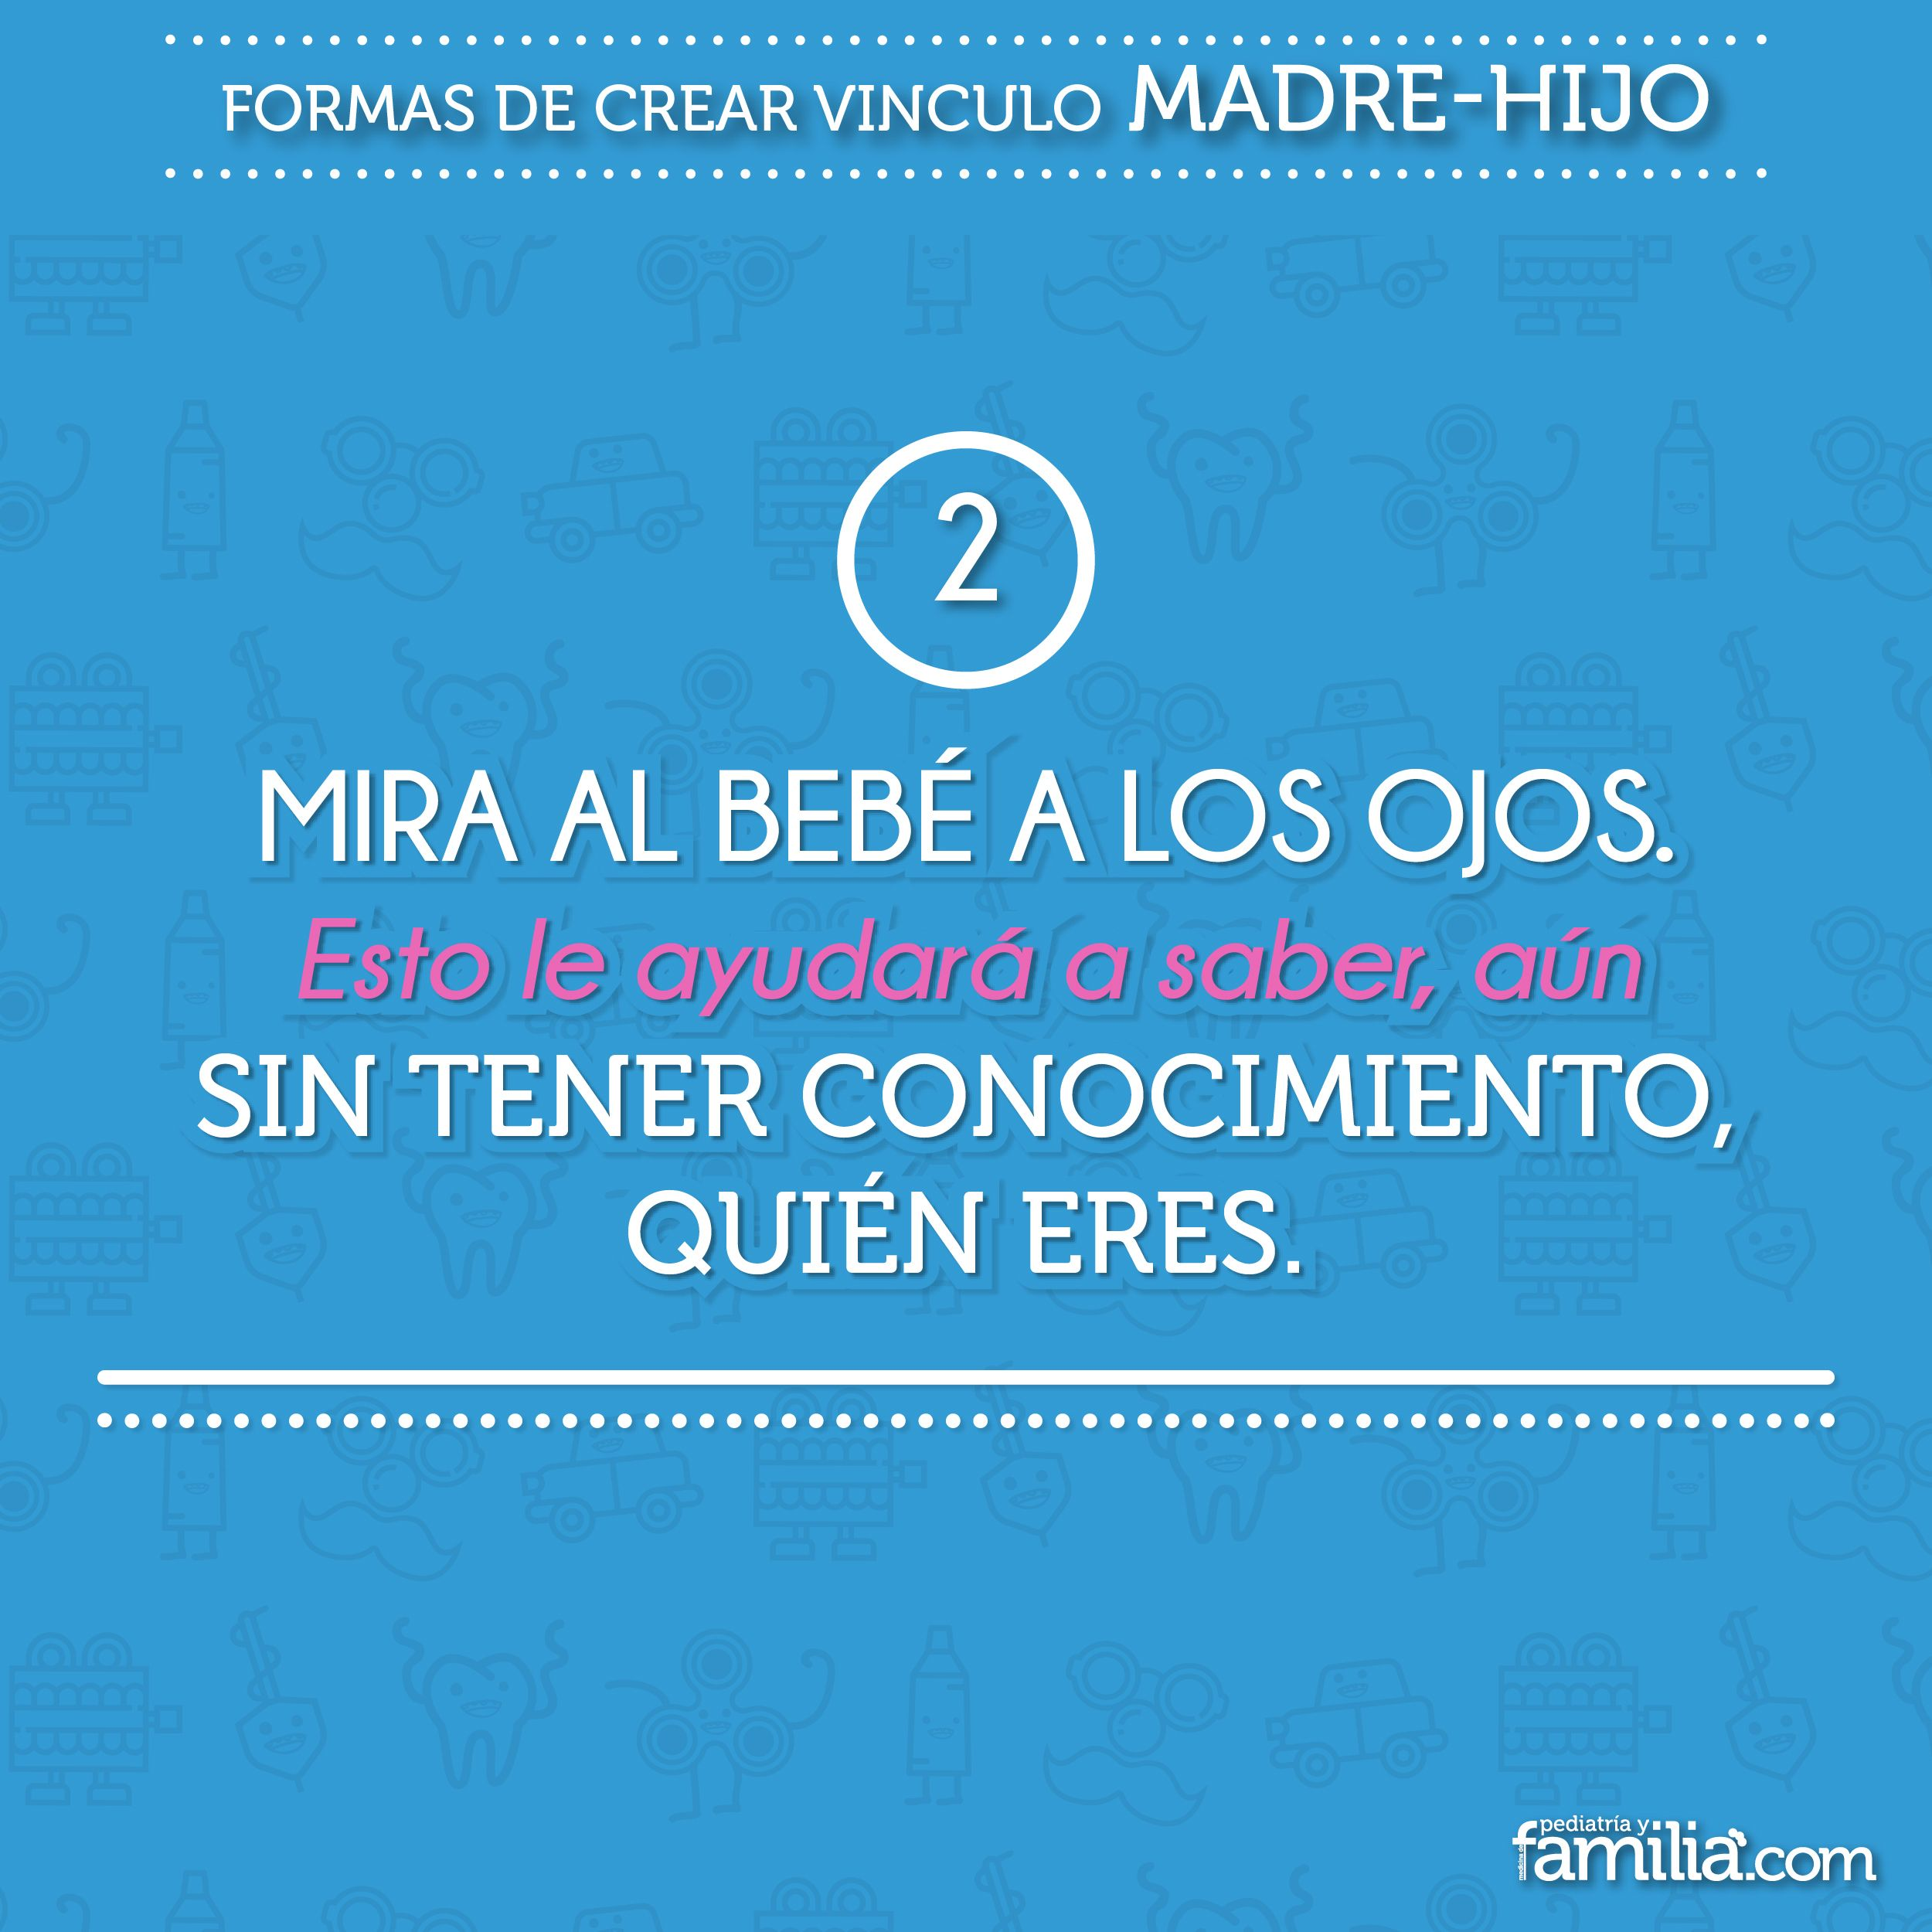 Pin by Pediatria y Familia on Formas de crear vinculo madre-hijo ...